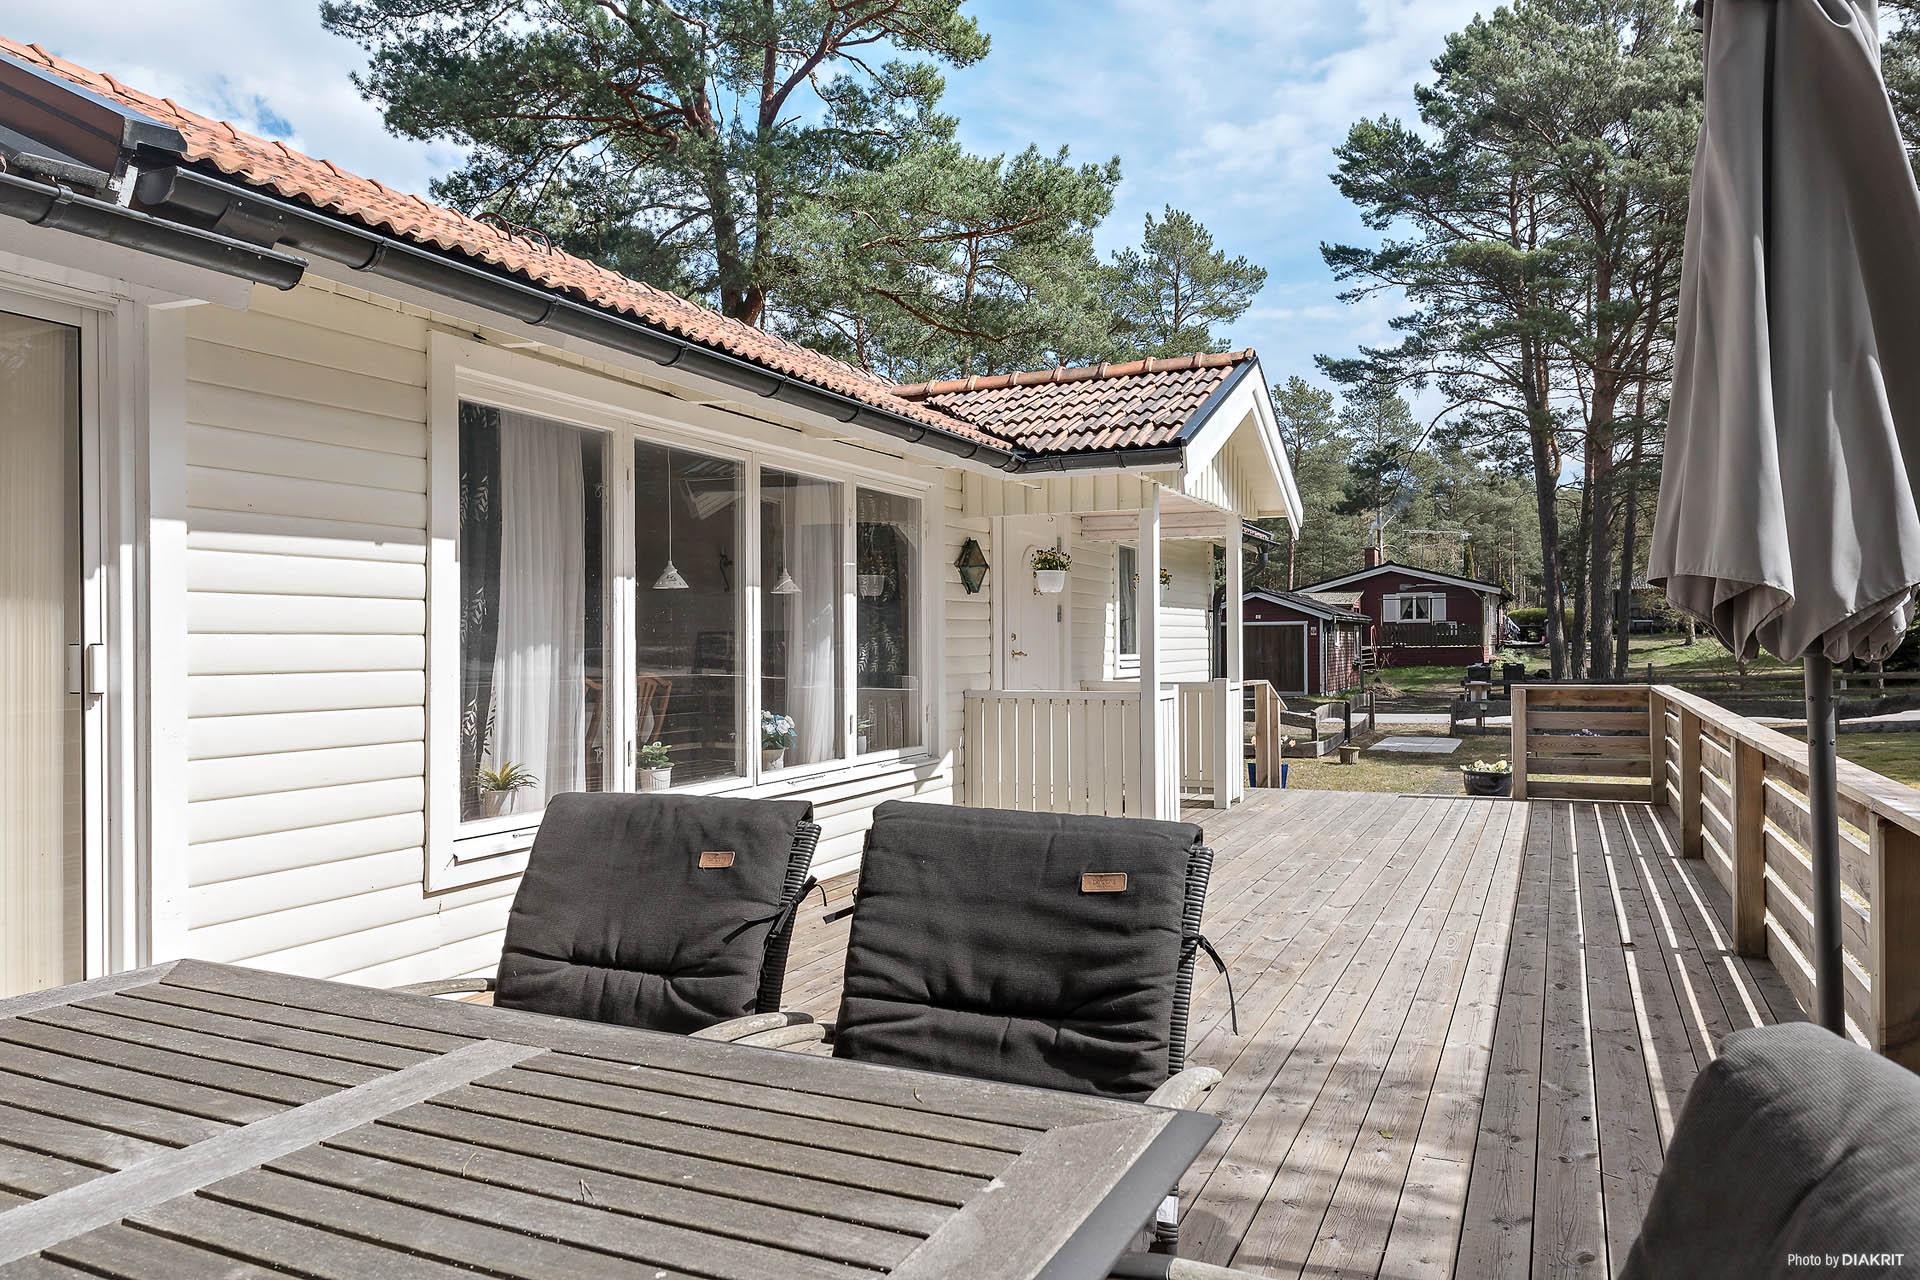 Välkommen till Yngsjö Saltsjöbad och Gnejsvägen 1! Här finns  bland annat en stor terrass i sydvästläge. Här ryms stort sällskap och inbjuder till härliga stunder.